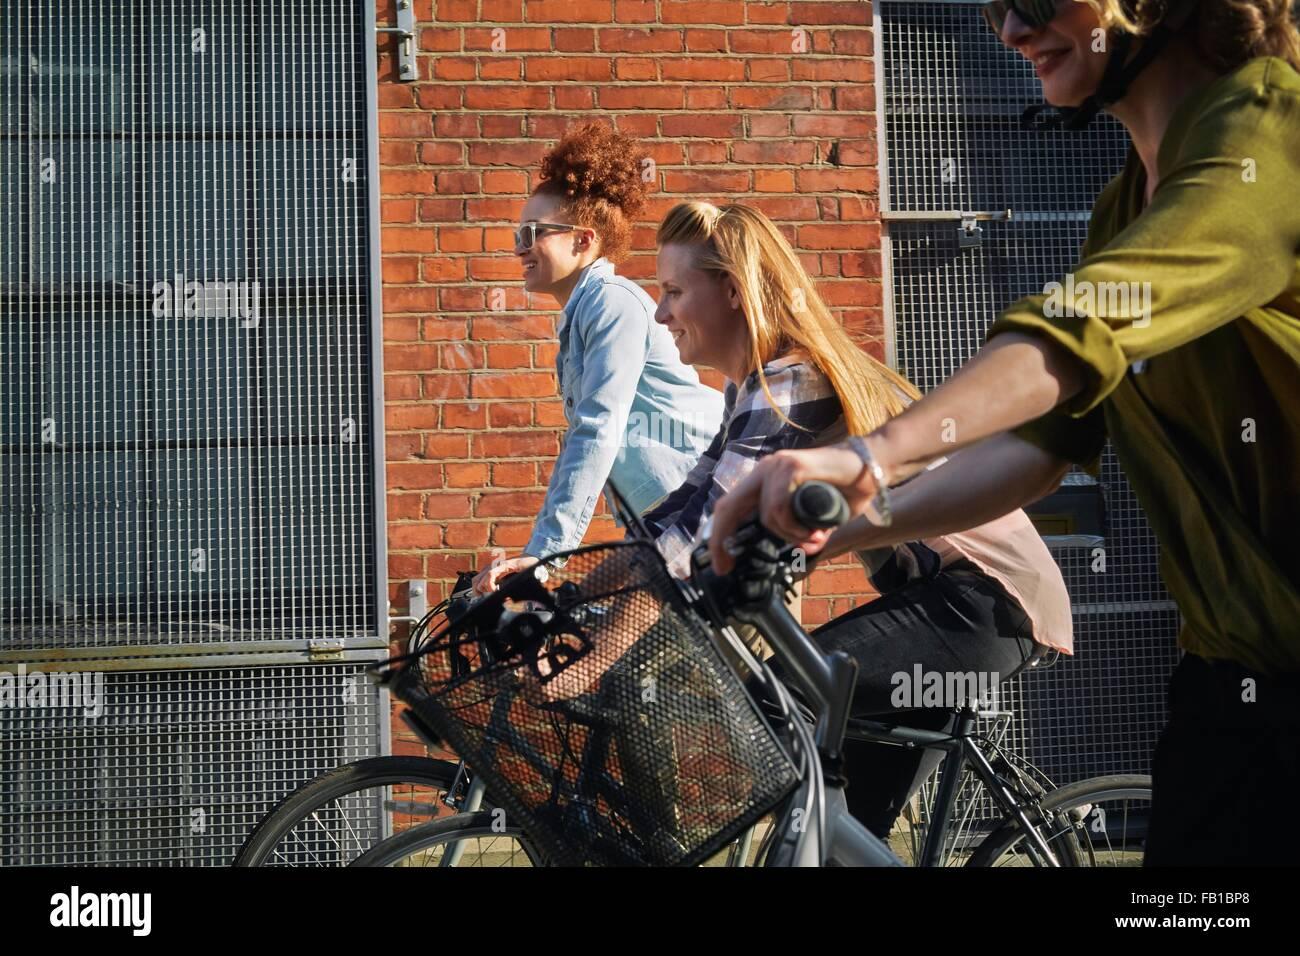 Vista laterale di donne ciclismo su biciclette Deposito del passato Immagini Stock